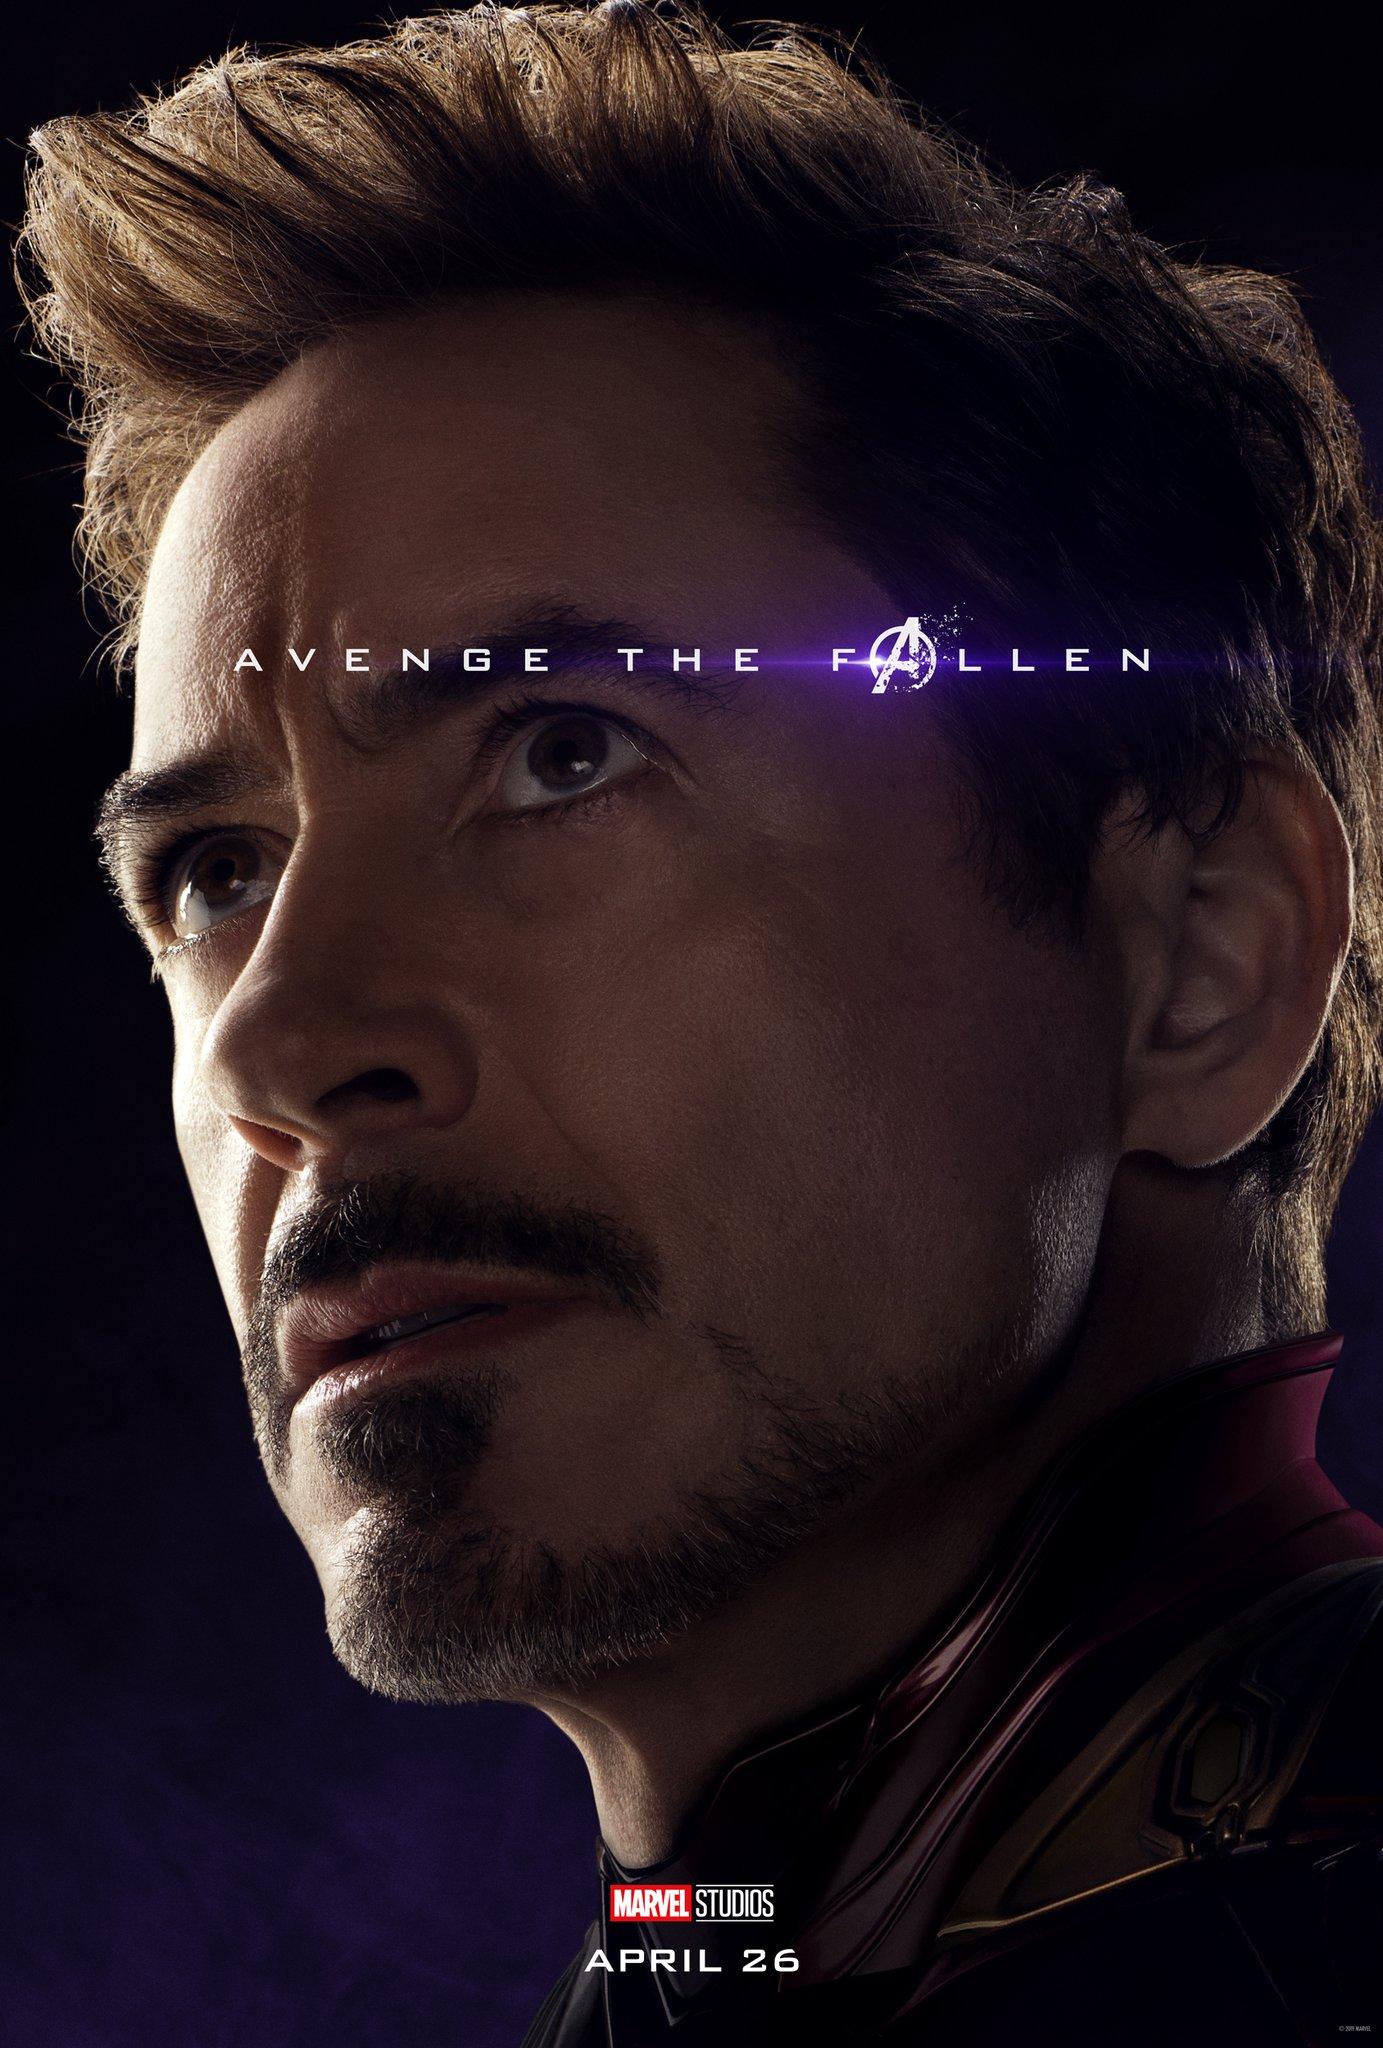 watch marveldisney release new avengers endgame